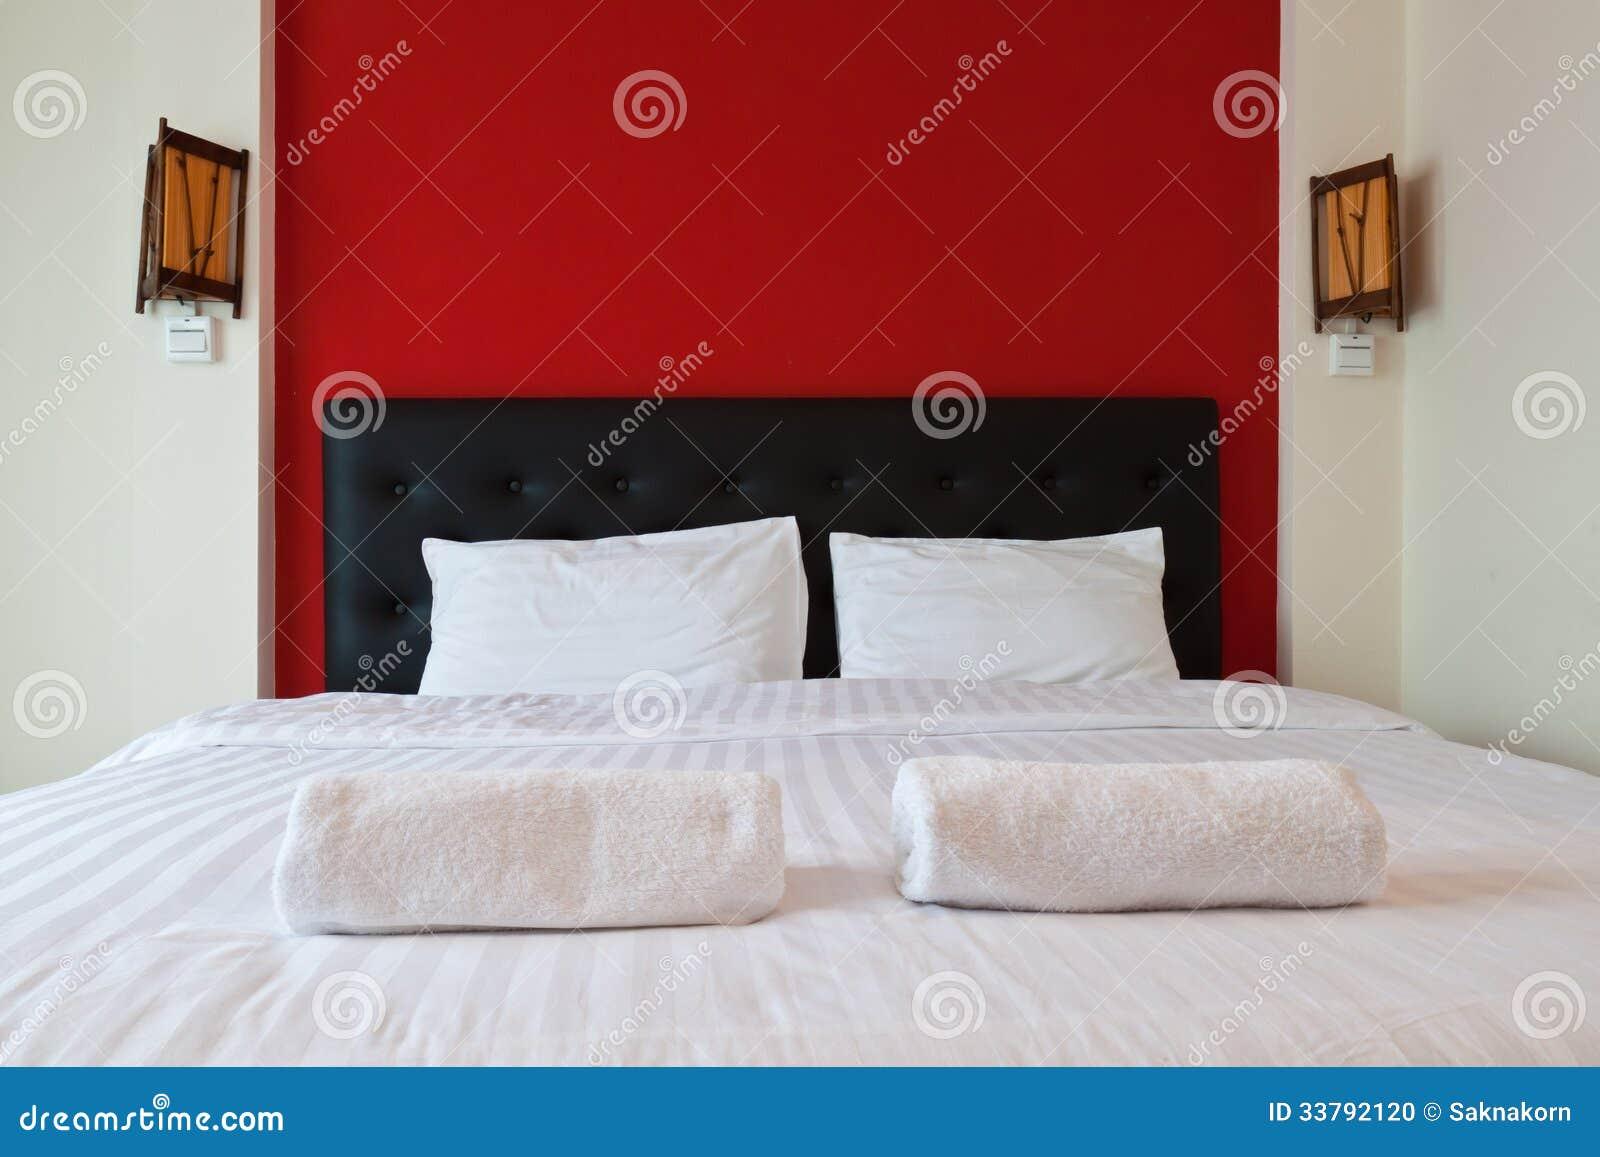 da letto con la parete rossa asciugamano sul letto camera da letto ...